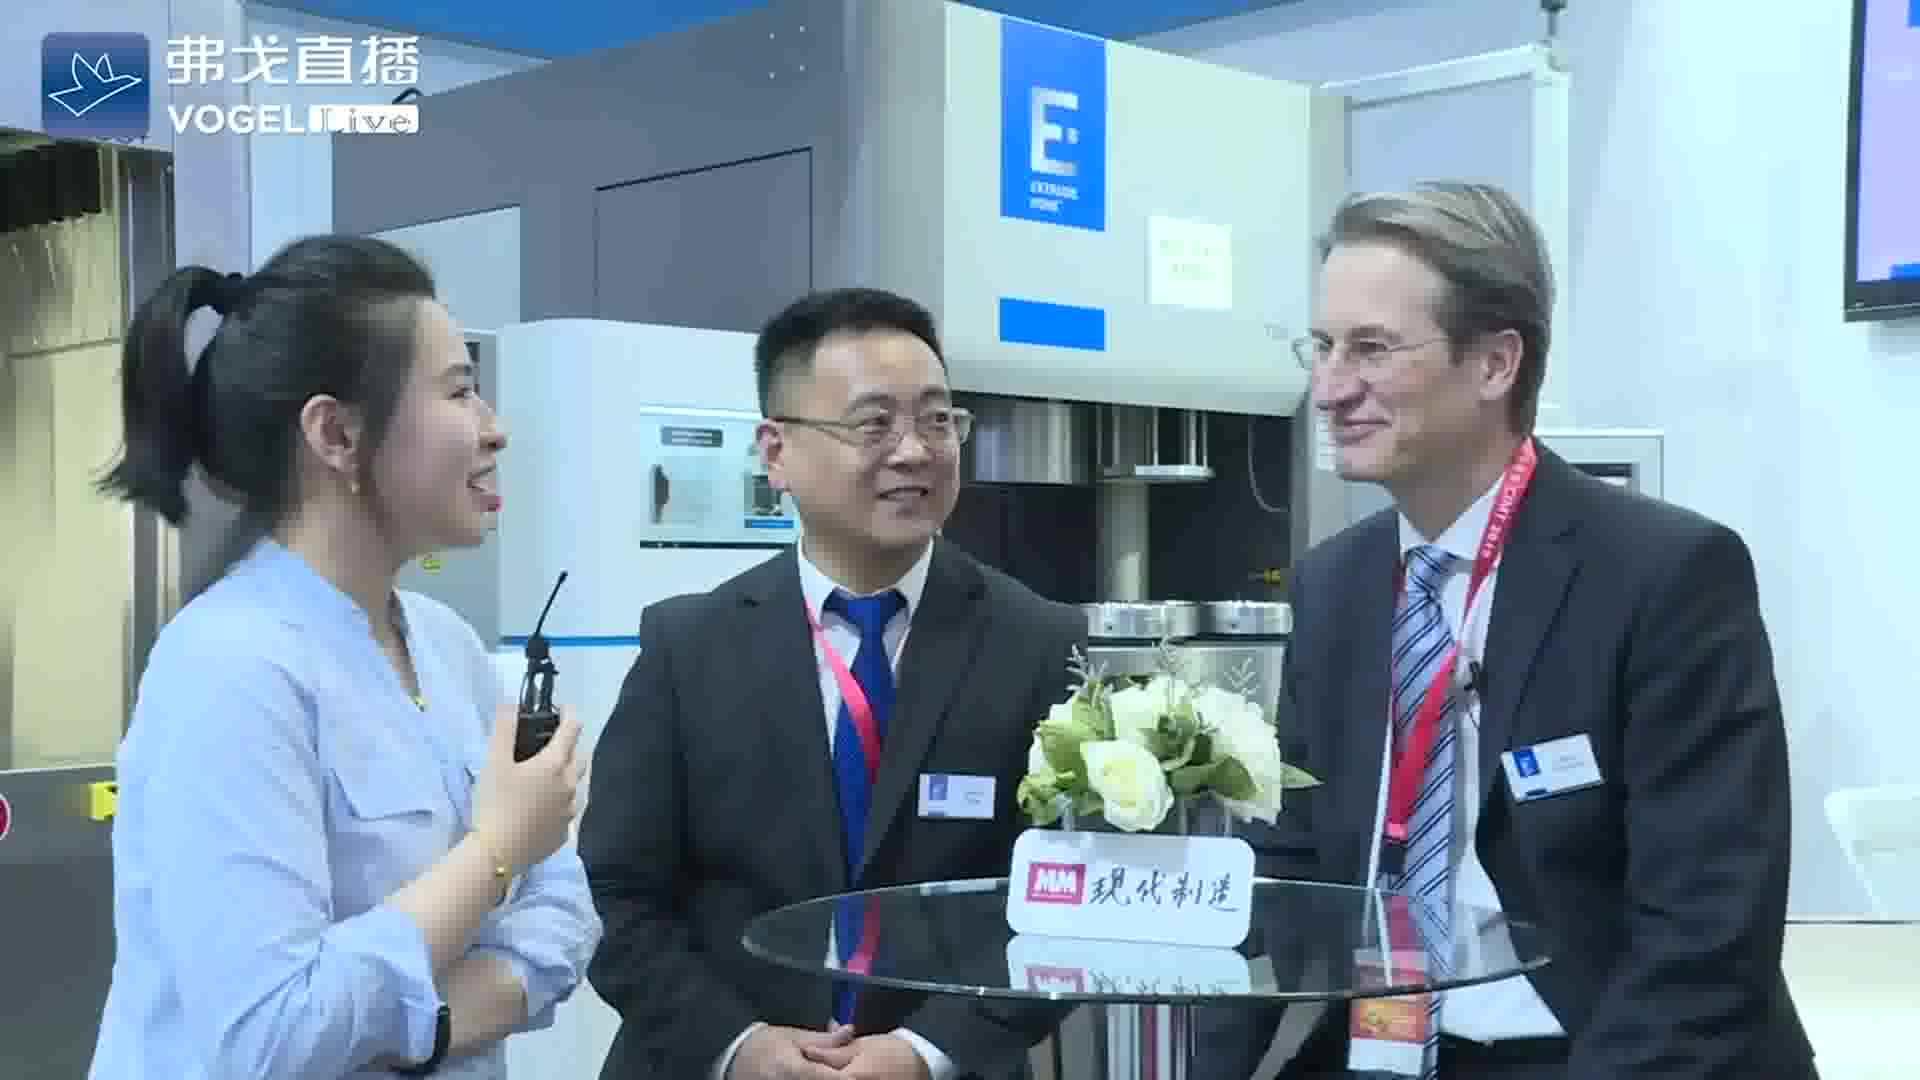 Dr. Stefan Odenthal  易趋宏全球总裁及冯海天先生 易趋宏大中华区总经理接受采访-CIMT2019